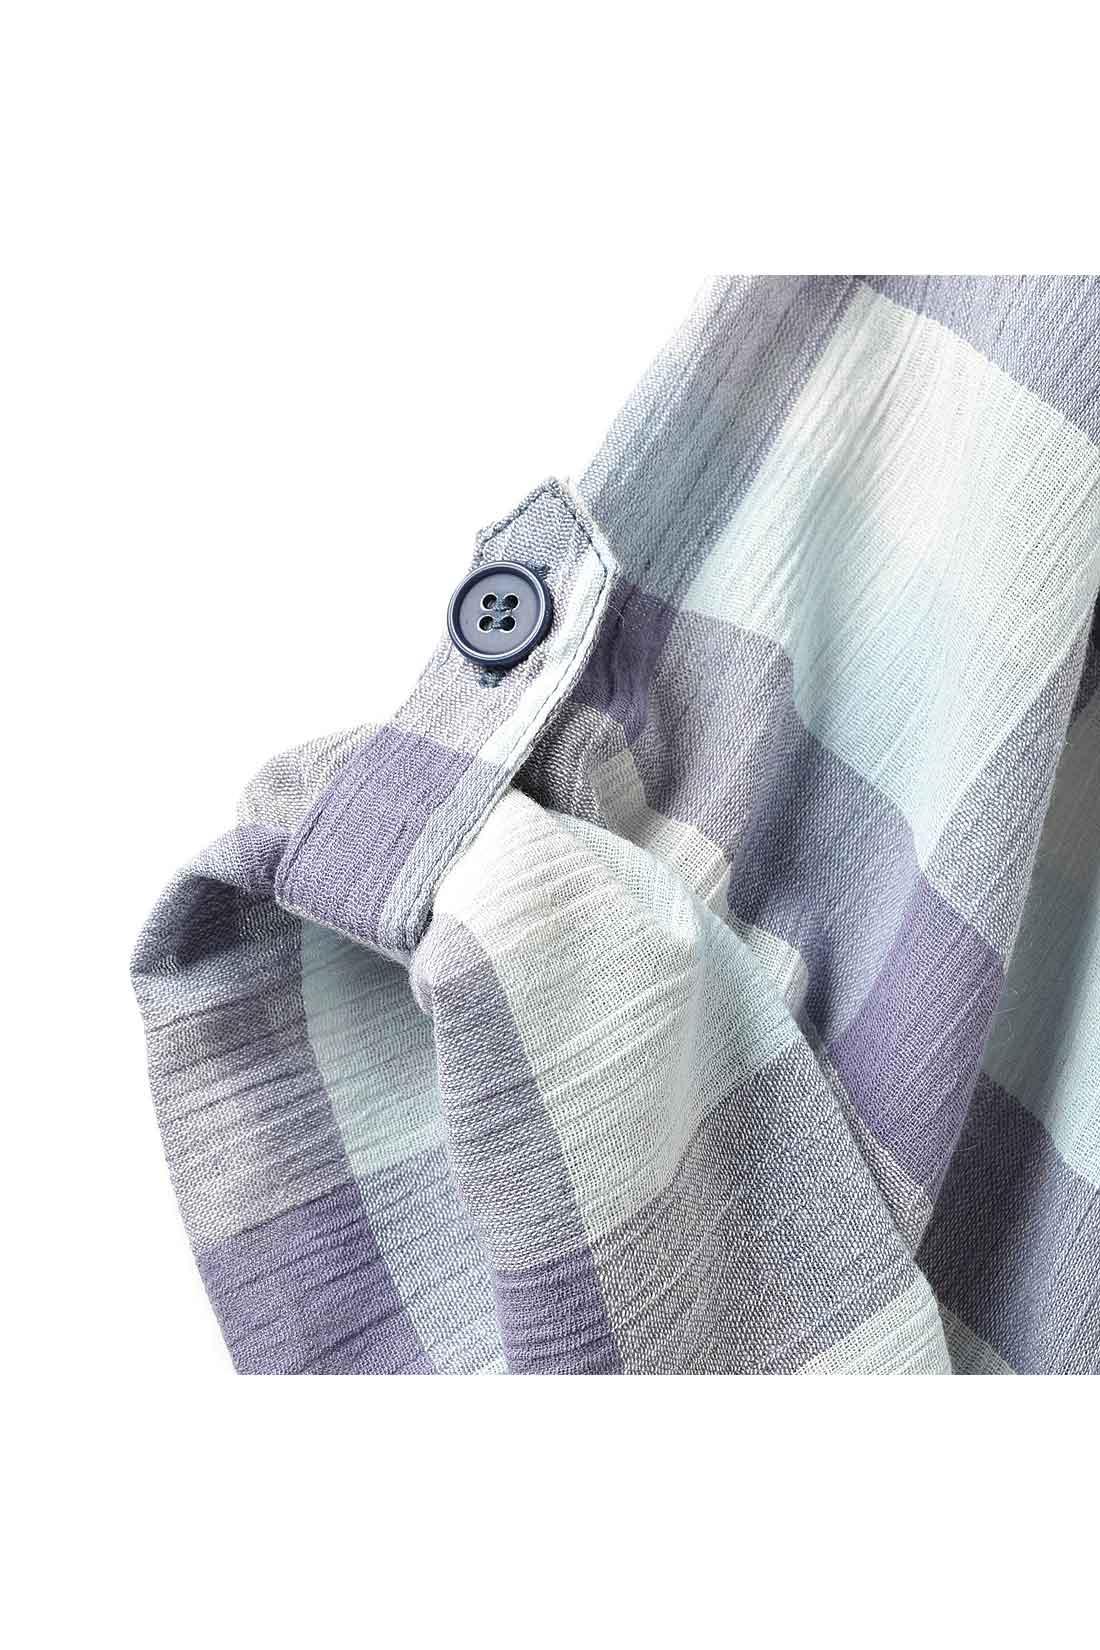 トップスの袖とボトムスのすそはロールアップできる2-WAYデザイン。